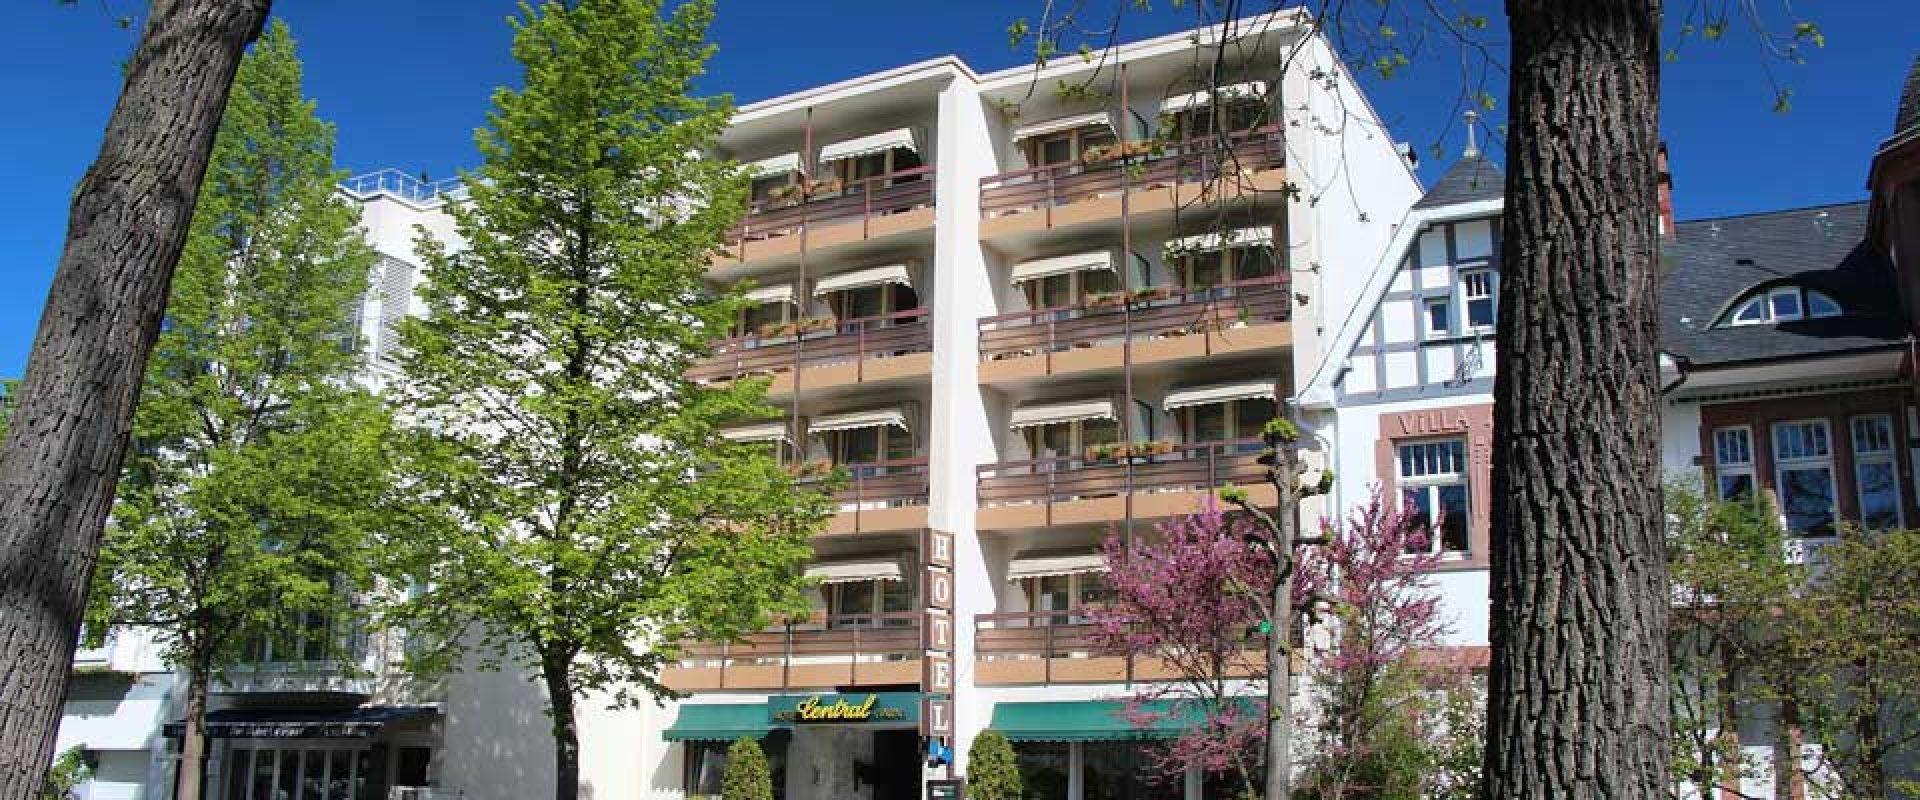 Hotel Central in Bad Neuenahr